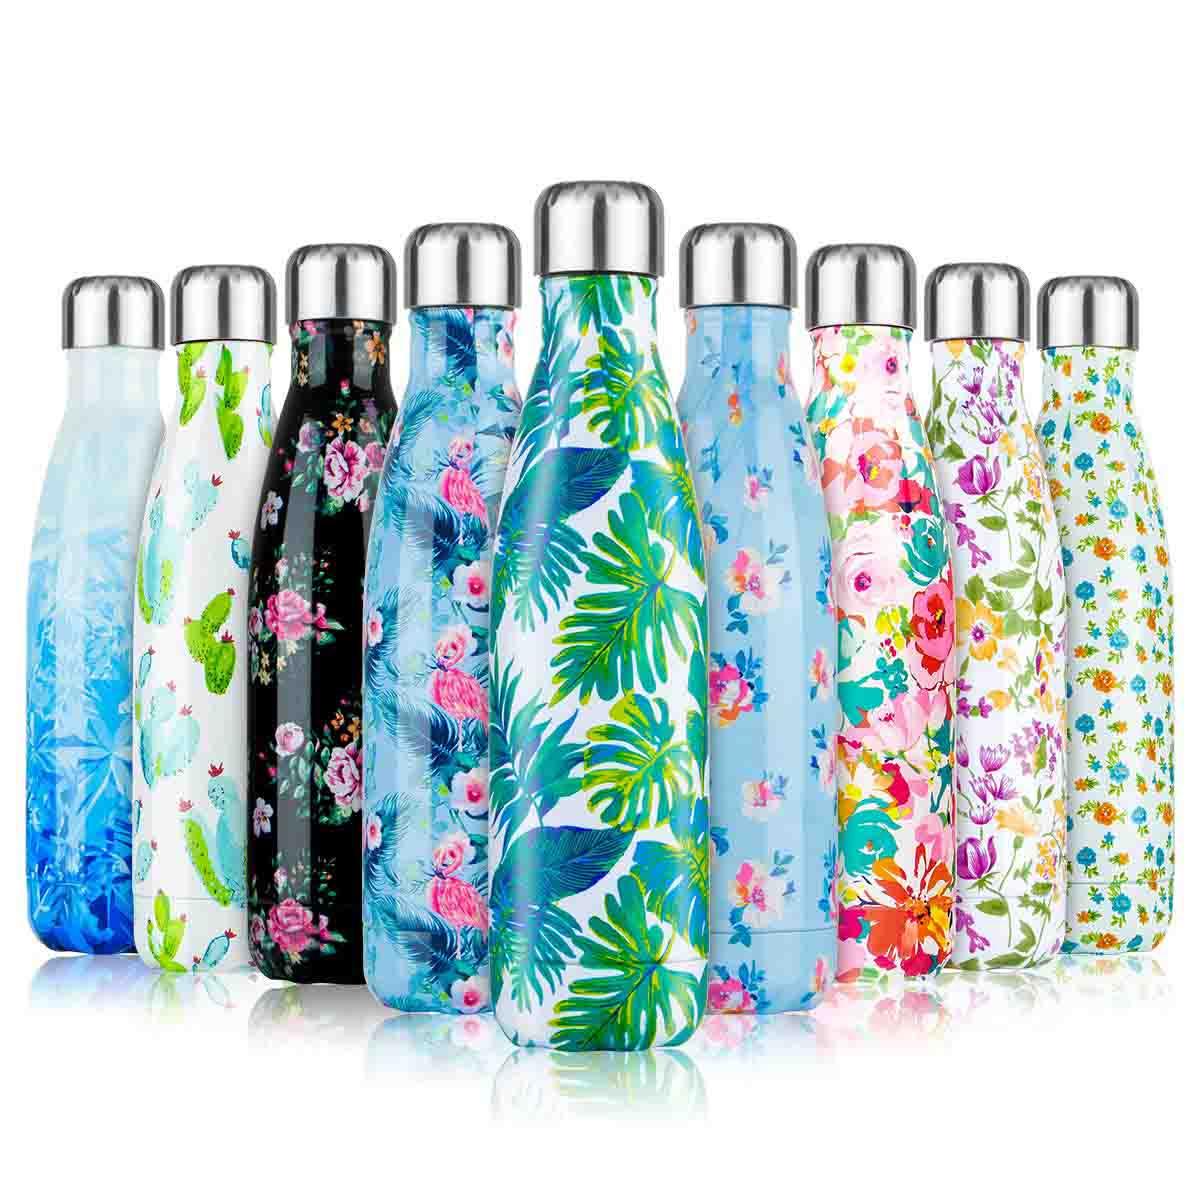 500ml Botella de Agua de Acero Inoxidable Botella Termica, Botella Sin Bpa & Eco Friendly, Mantiene Bebidas frías por 24h y Calientes por 12h